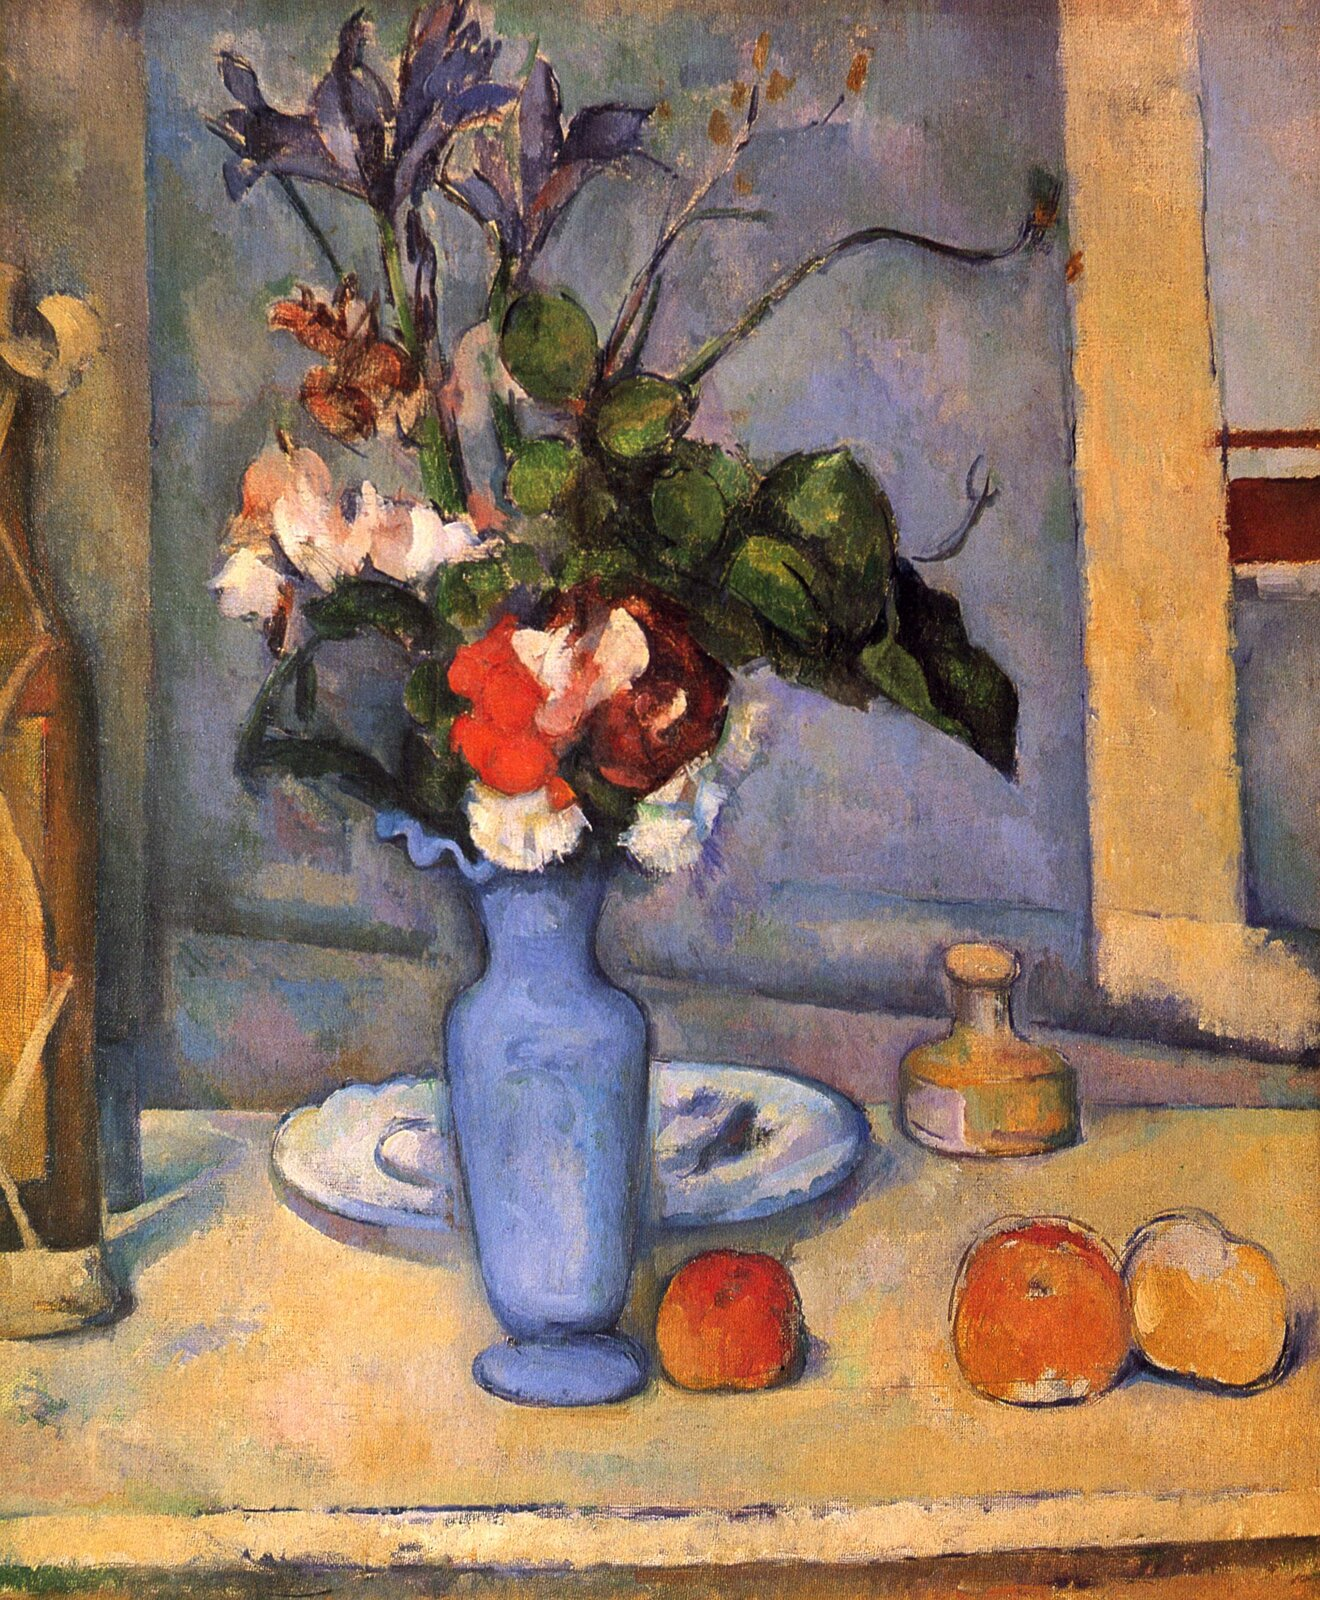 """Ilustracja przedstawia obraz olejny """"Błękitny wazon"""" autorstwa Paula Cézannea. Artysta, przy pomocy szerokich pociągnięć pędzla namalował martwą naturę zwazonem kwiatów. Wcentrum kompozycji znajduje się ustawiony na beżowo-żółtym blacie stołu, jasno-niebieski, wysmukły flakon. Umieszczone we flakonie czerwone ibiałe kwiaty otoczone są zielonymi, szerokimi liśćmi, znad których wystają wysmukłe kielichy fioletowo-niebieskich irysów. Po prawej stronie bukietu leżą trzy czerwono-żółte jabłka, natomiast za nim biały talerz oraz mała, żółto-zielona buteleczka. Po lewej stronie kompozycji znajduje się fragment brązowej butelki, której reszta znajduje się poza kadrem obrazu. Tło stanowi chłodna, szaro-fioletowo-zielonkawa ściana zżółtym, świetlistym kawałkiem framugi okna po prawej stronie. Artysta nie skupia się na wiernym odzwierciedleniu natury. Nie dba odetal. Obraz ma charakter notatki, gdzie twórca przy pomocy czystych kolorów iszybkich pociągnięć pędzla chce oddać swoje emocje wstosunku do zastanej sytuacji.  Wutrzymanej wszerokiej gamie barw pracy dominują ciepłe żółcie ichłodne szare błękity. Znajdujący się wcentrum obrazu czerwono-zielono-biały bukiet stanowi akcent kolorystyczny otwartej kompozycji."""